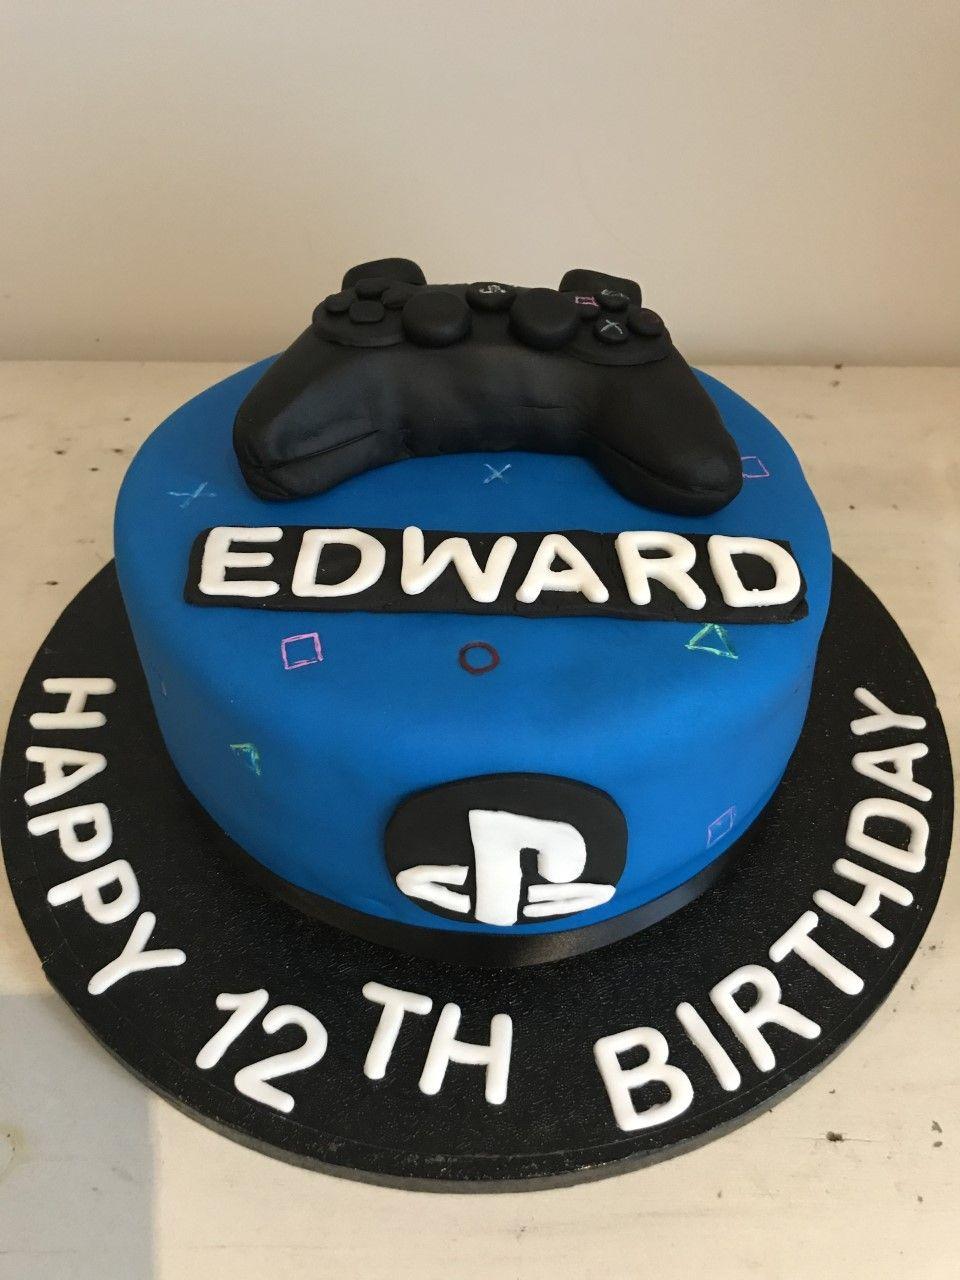 Ps4 gaming cake cake ps4 cake birthday cake